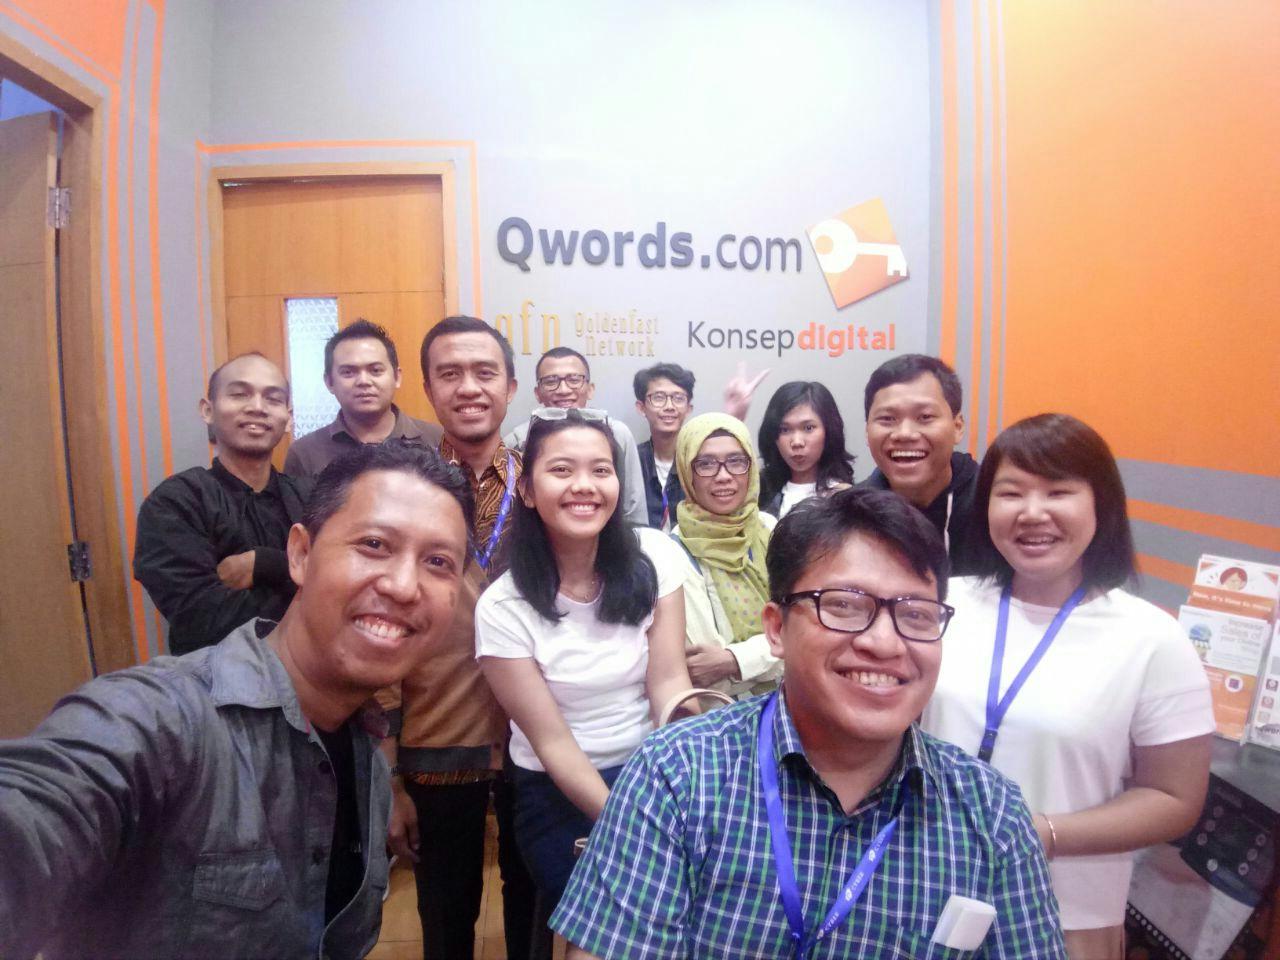 Ngeblog mulus bersama Qwords hosting